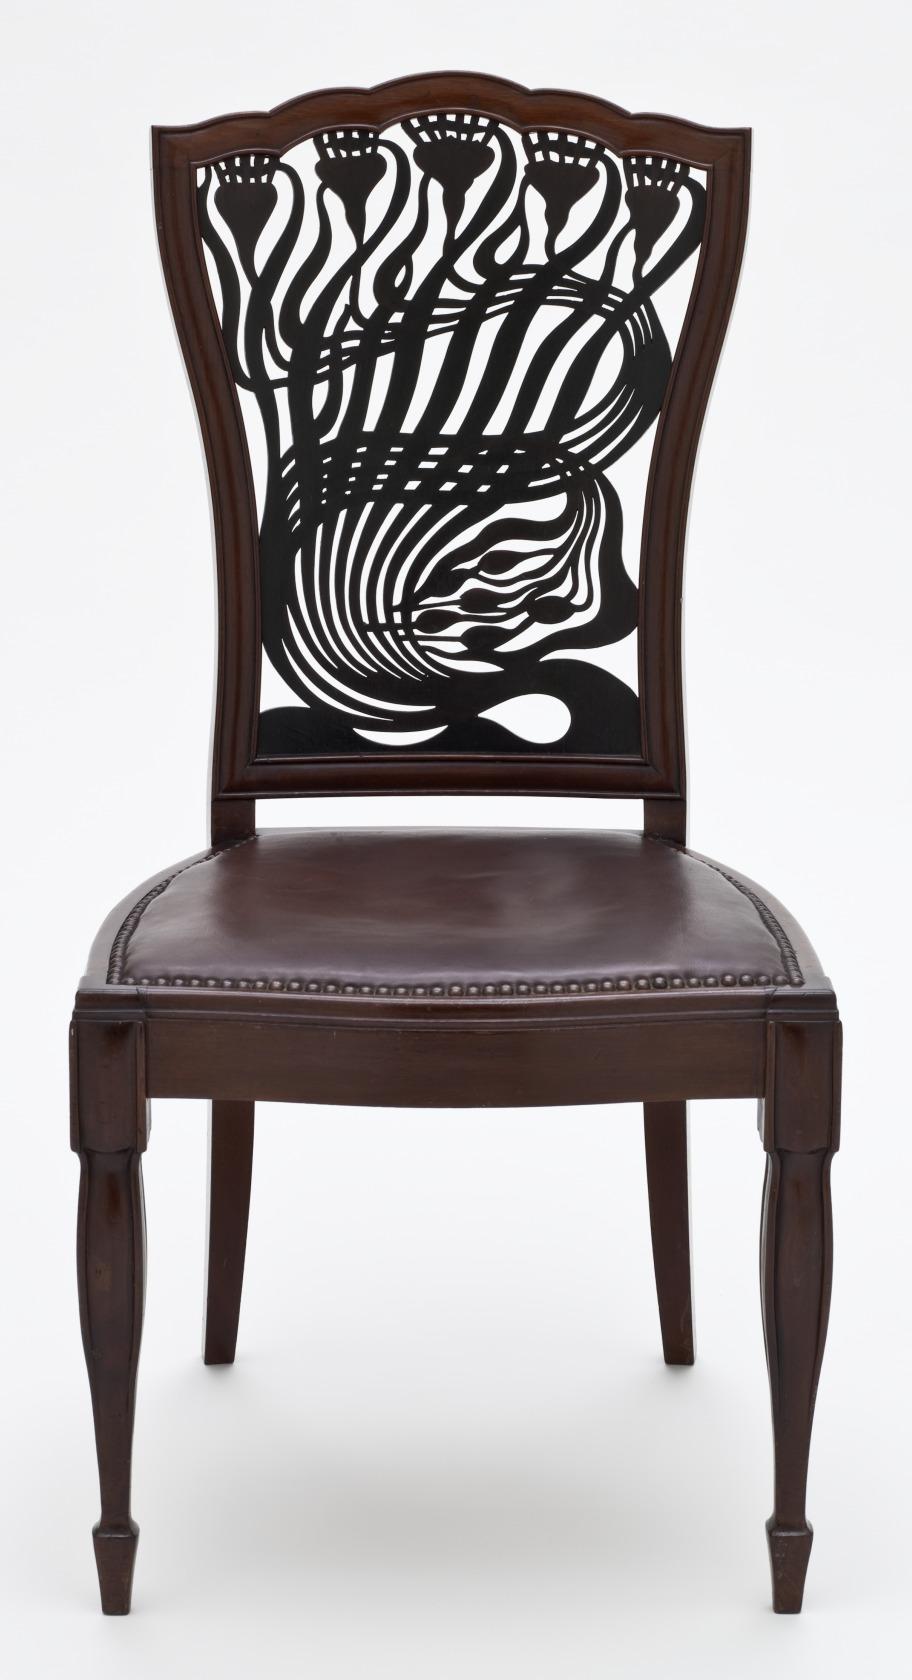 Art Nouveau Furniture Designers